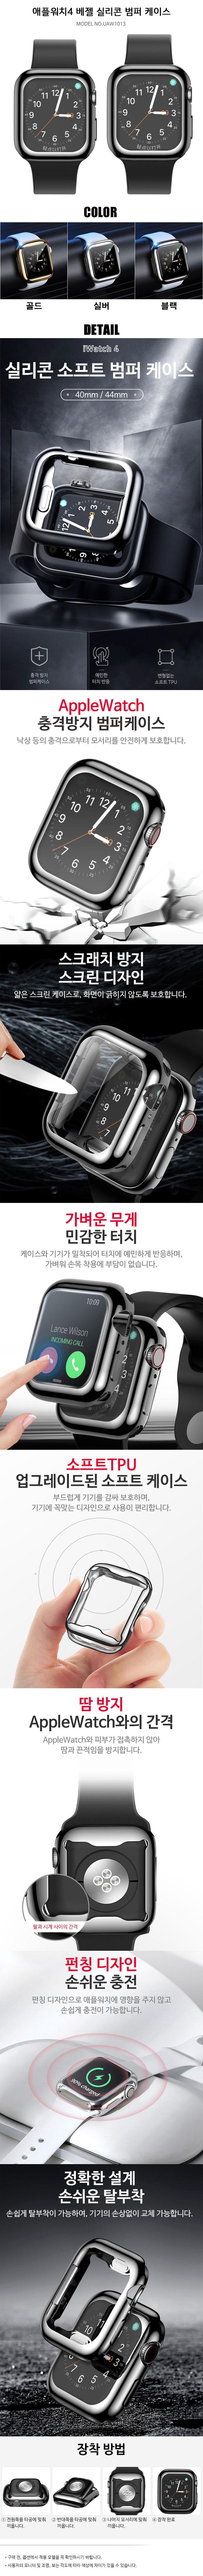 애플워치4 베젤 실리콘 소프트 범퍼 케이스 40 44mm - 유니커블, 6,400원, 케이스, 애플워치